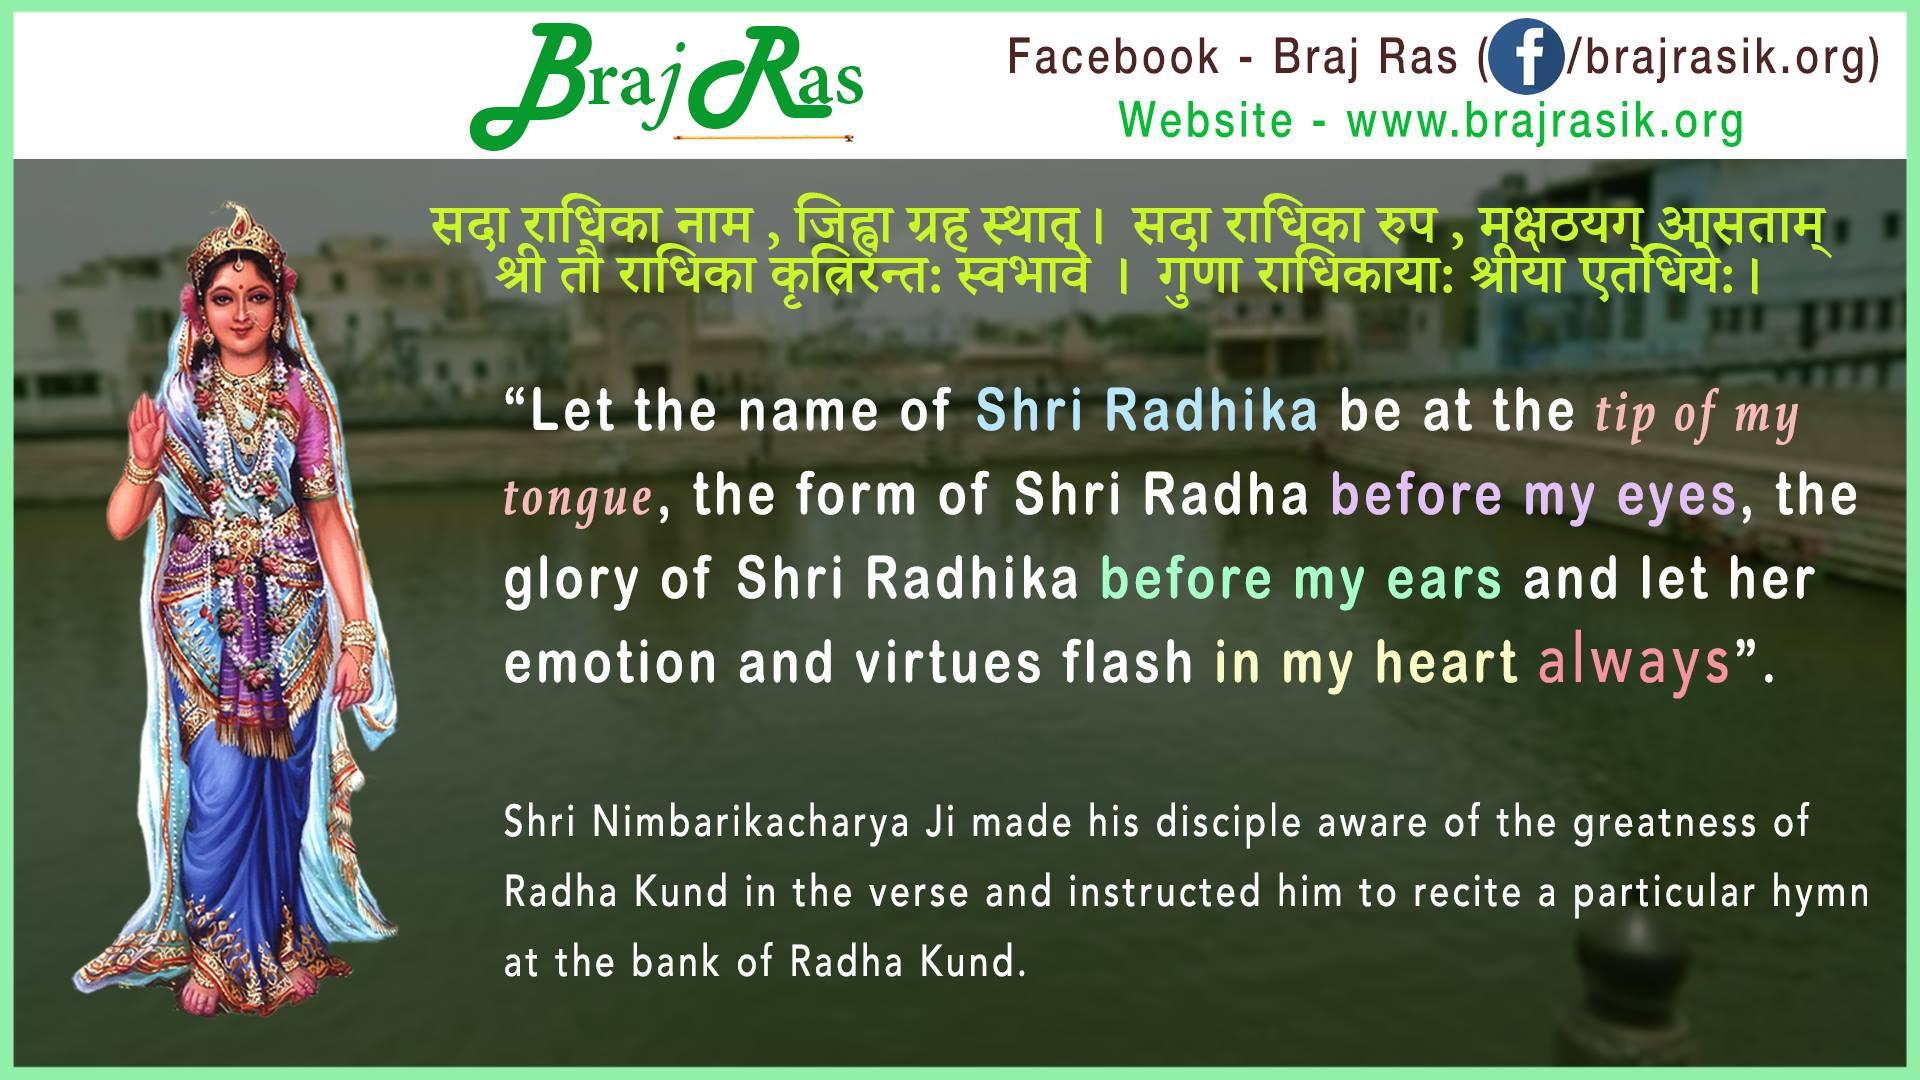 Sada Radhika Naam, Jihva Grah Sthaat - Nimbarakacharya Quote About Radha Rani